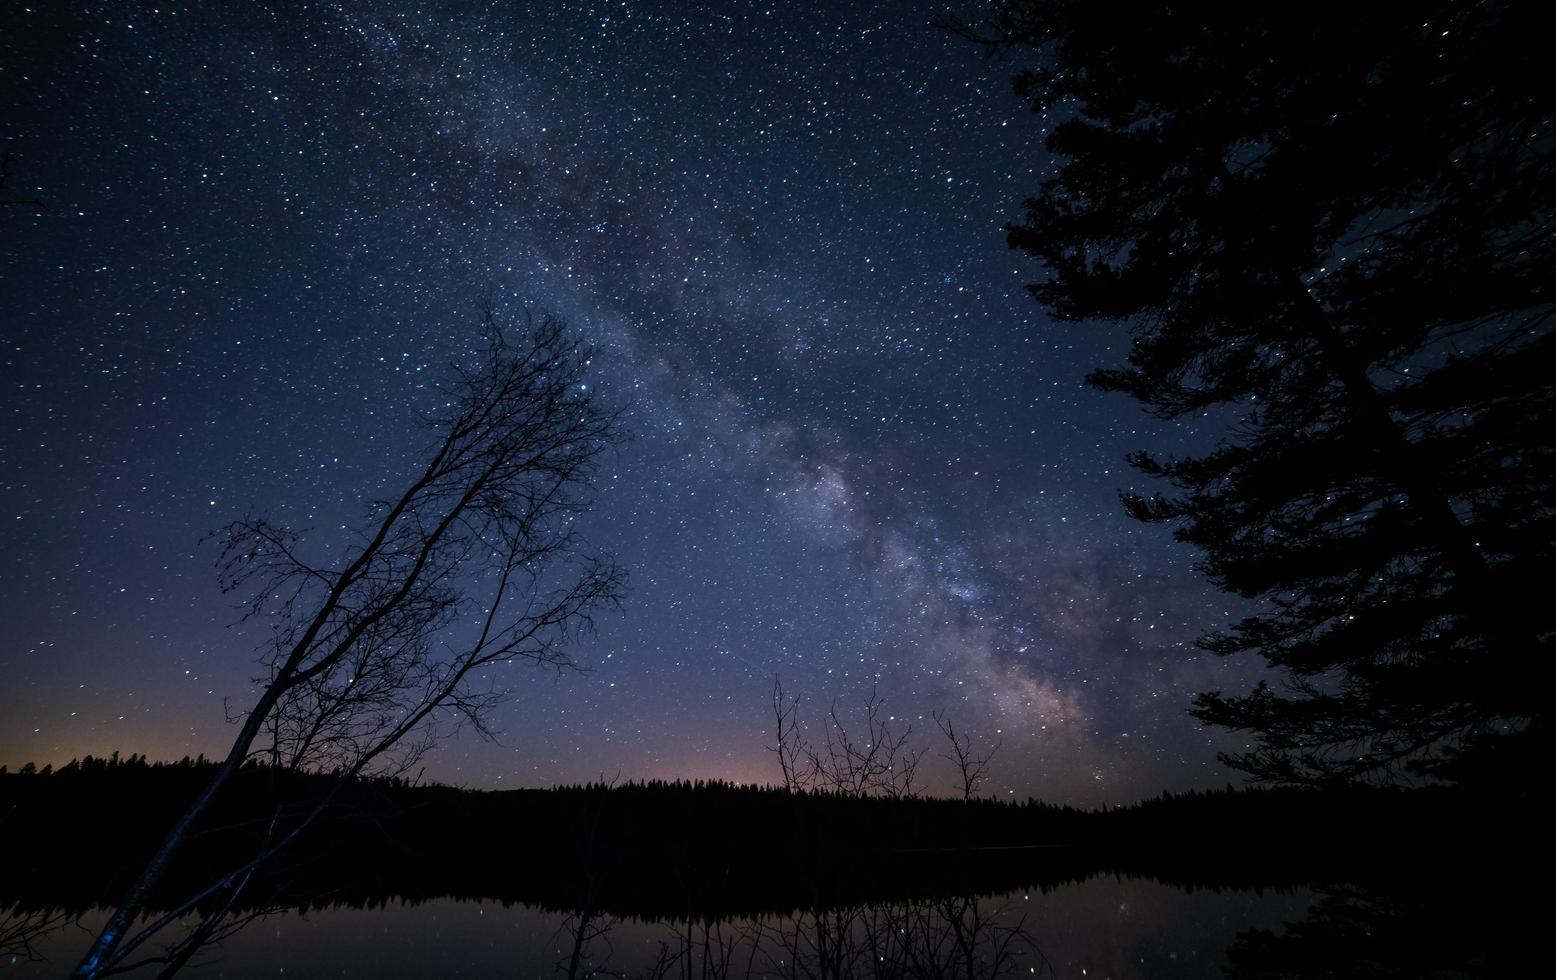 Bäume unter Sternenhimmel foto